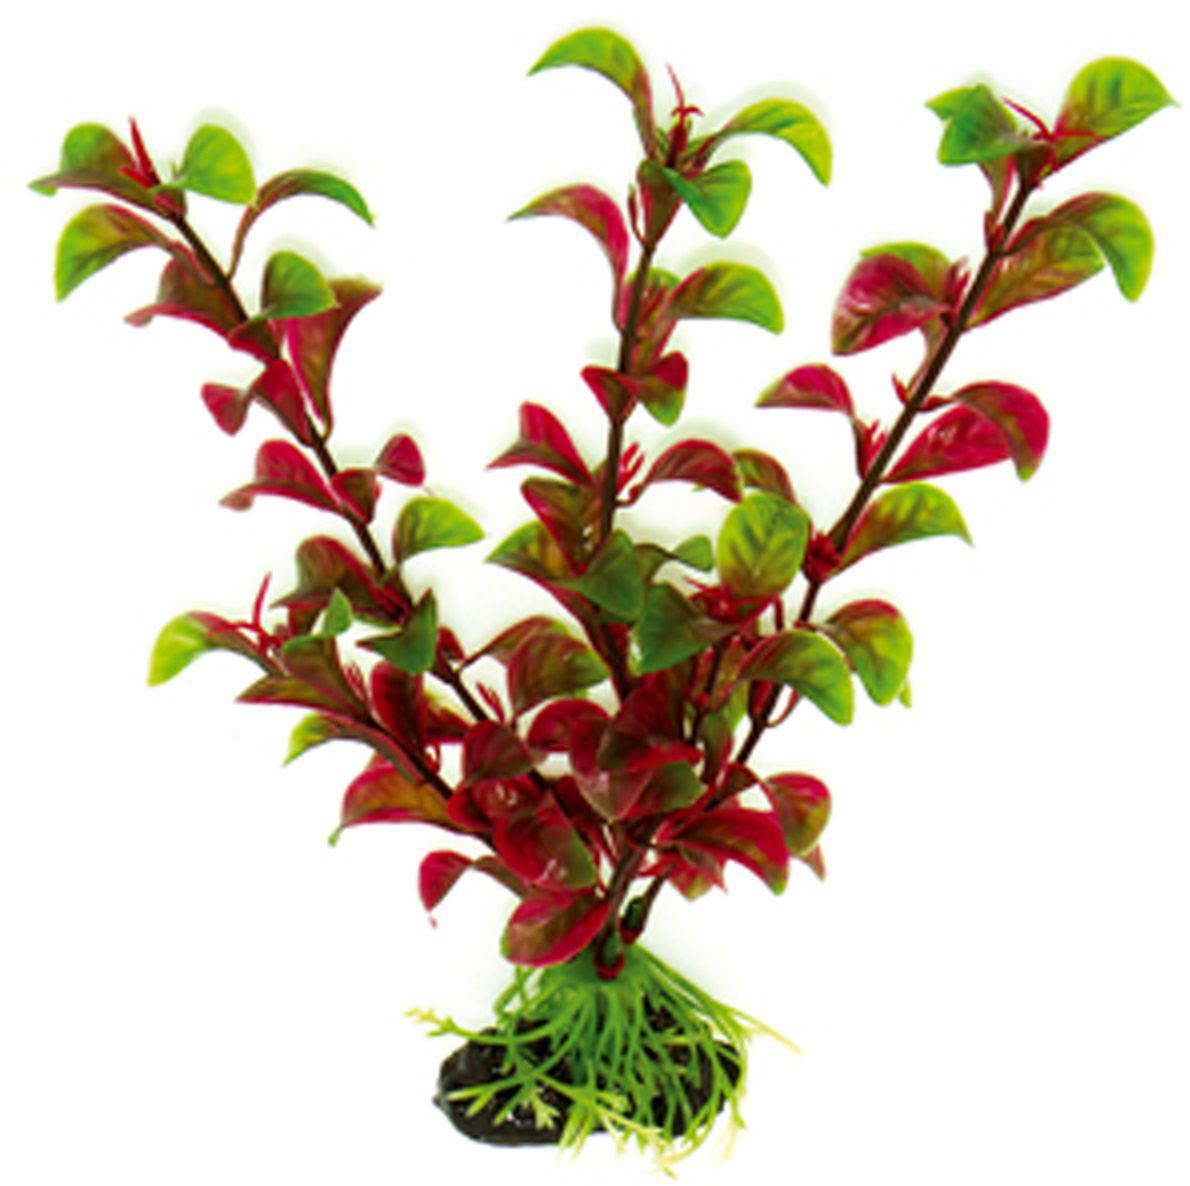 Искусственное растение Dezzie, 20 см. 56020385602038Подводные растения являются неотъемлемой частью композиции аквариума, радуют глаз, а также могут быть уютным убежищем для рыб и других обитателей аквариума. Пластиковые растения имеют устойчивое дно, которое не нуждается в дополнительном утяжелении и легко устанавливается в грунт. Они очень практичны в использовании, имеют стойкую к воздействию воды окраску и не требуют обременительного ухода. Их можно легко достать и протереть тряпкой во время уборки аквариума. Растения из пластика создадут неповторимый дизайн пресноводного или морского аквариума.